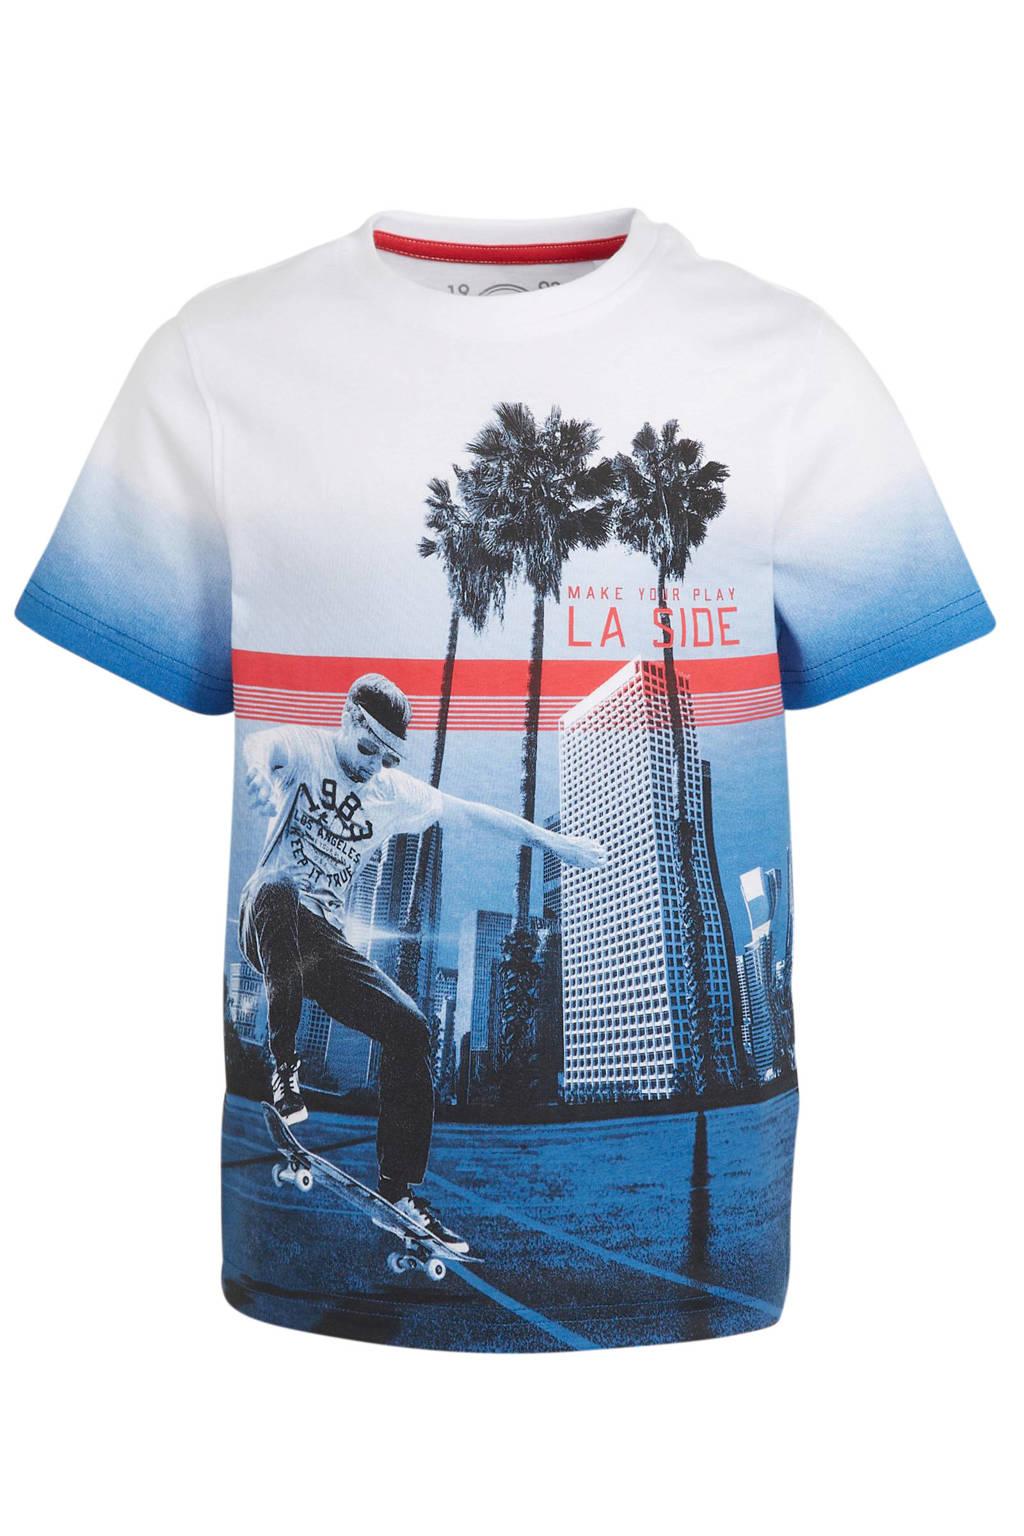 C&A Here & There T-shirt van biologisch katoen blauw/wit, Blauw/wit